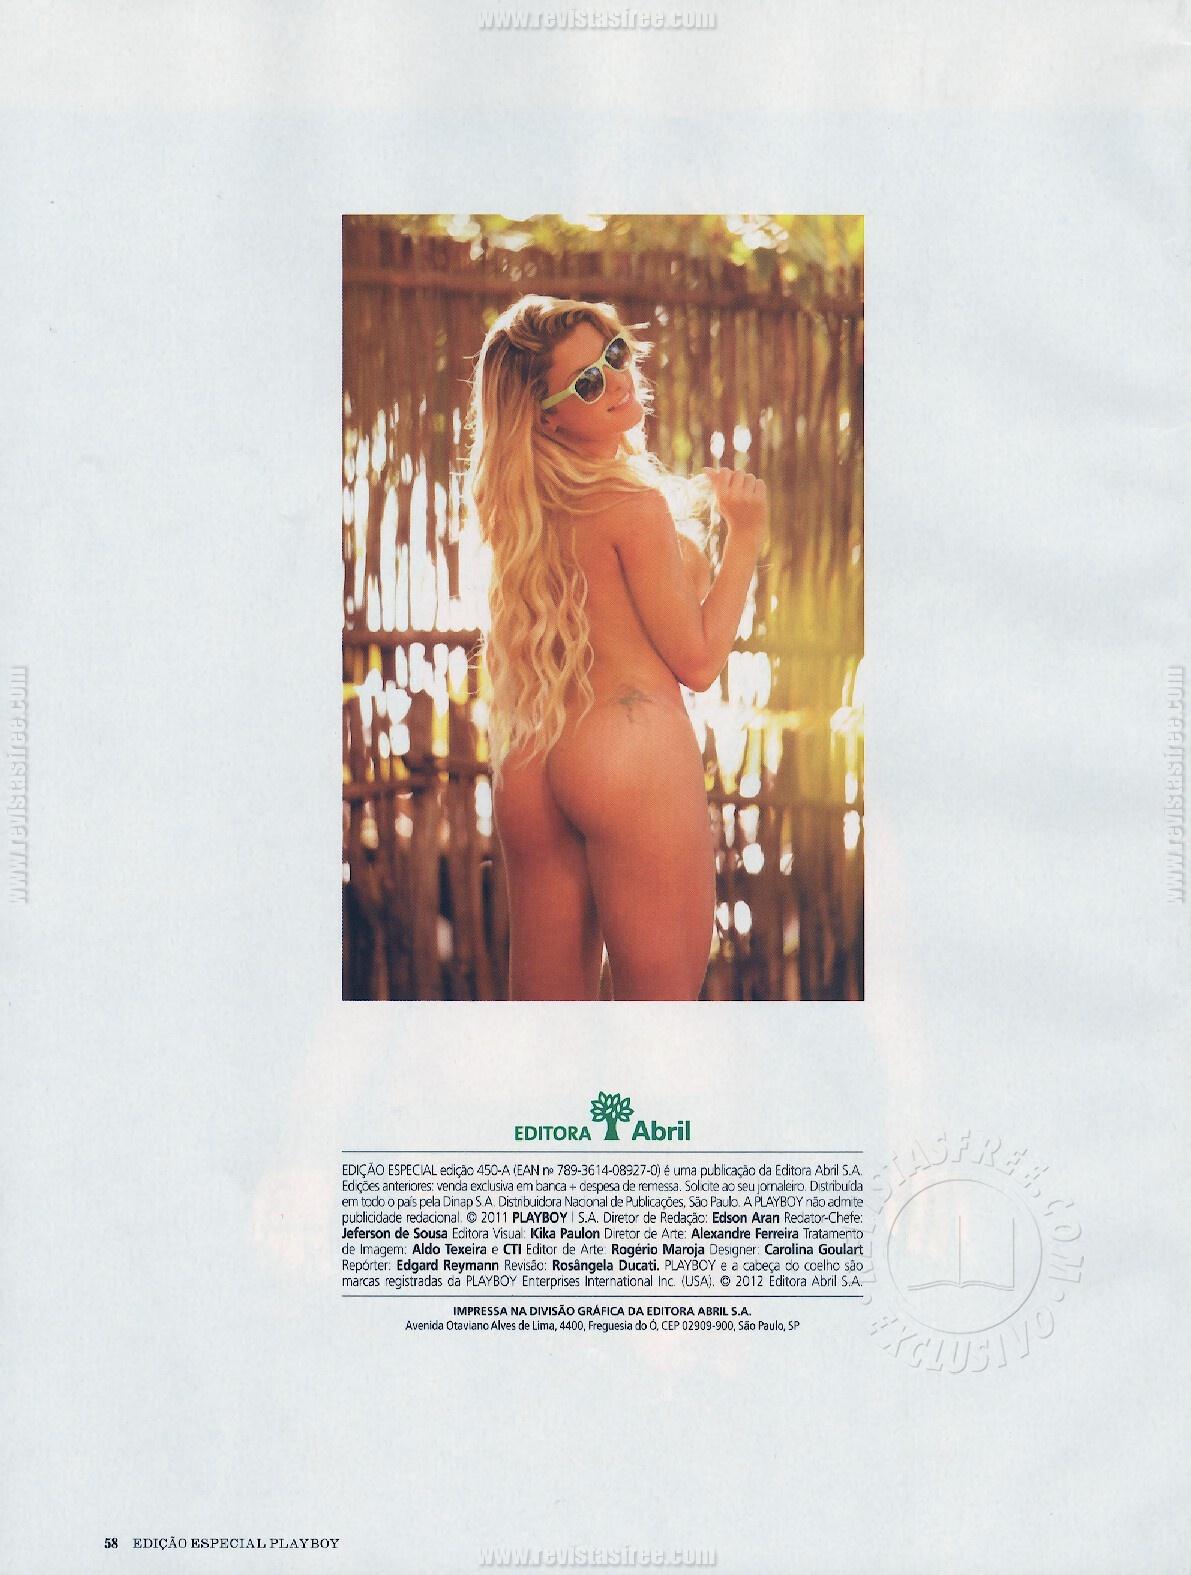 Aline Riscado Playboy fotos (não tão) inéditas da dançarina aline riscado, da